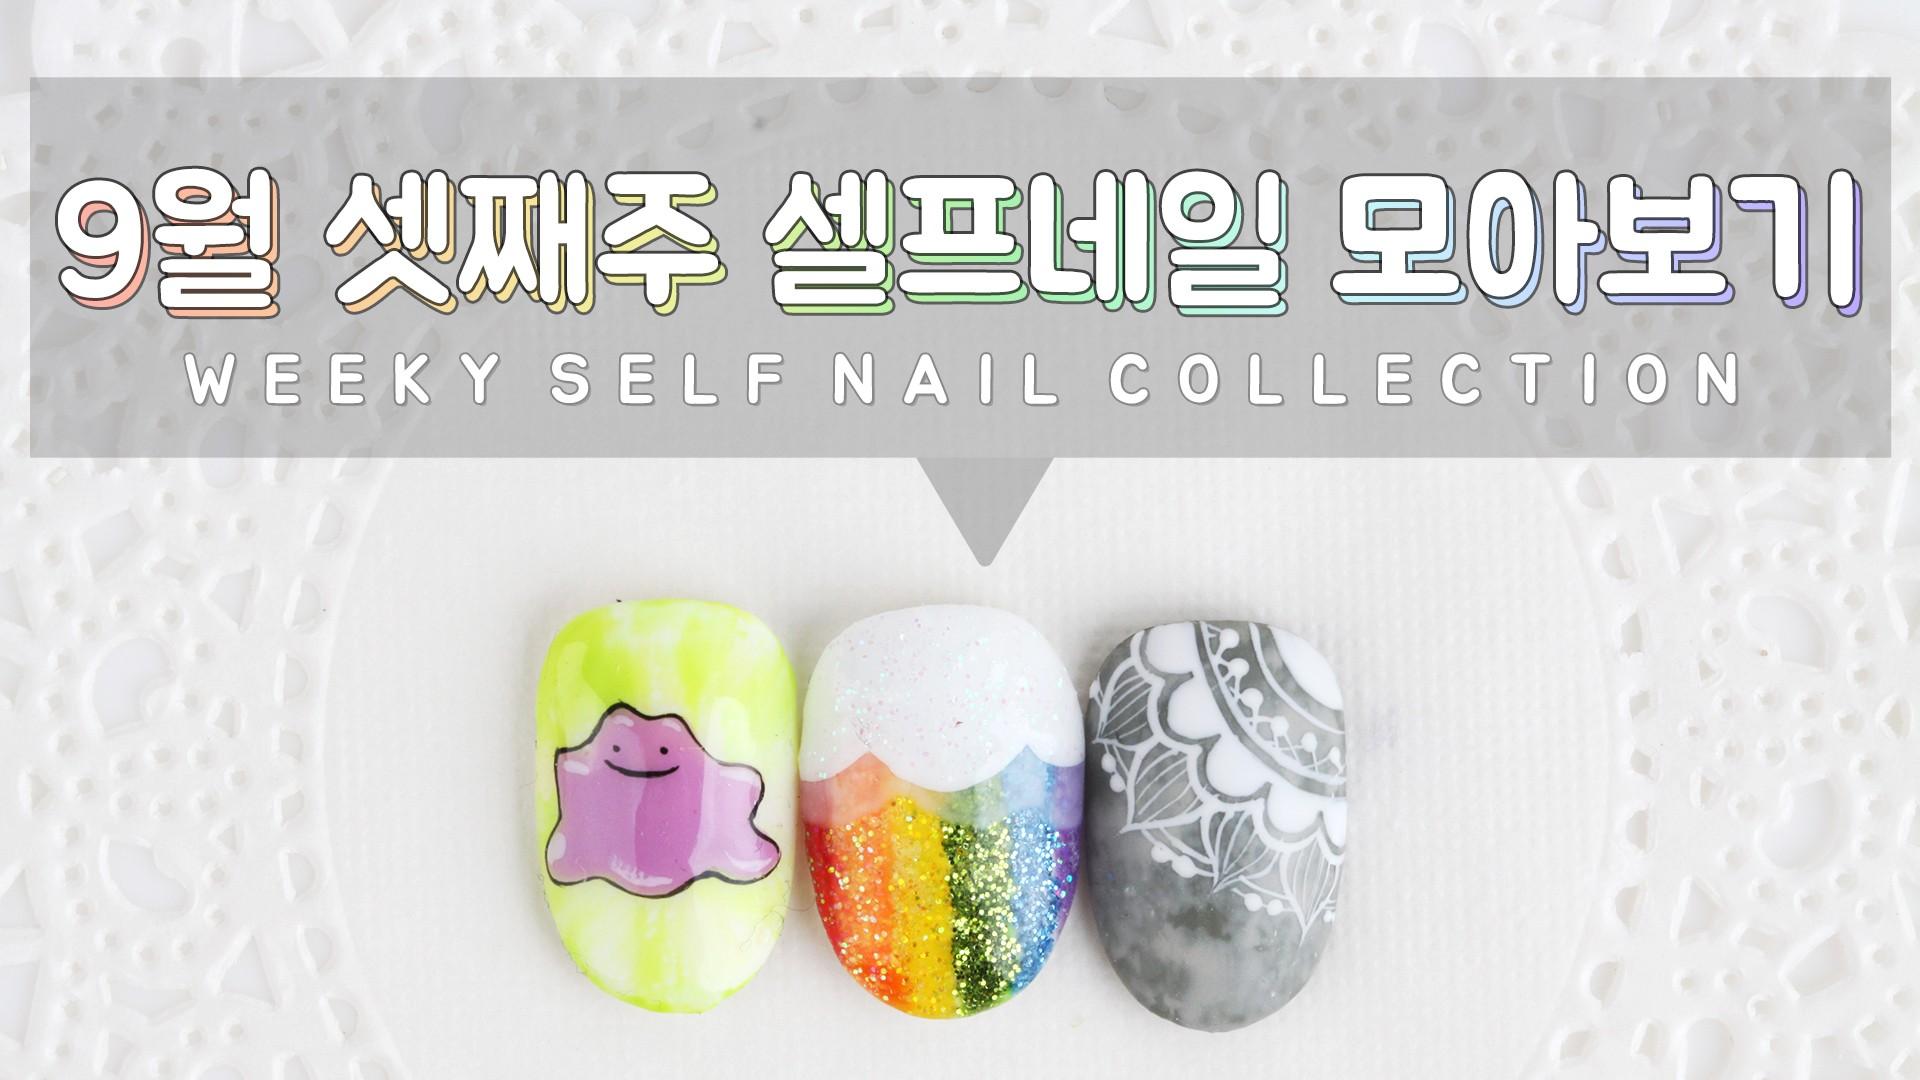 9월 셋째주 셀프네일 모아보기 / Weekly self nail art collection